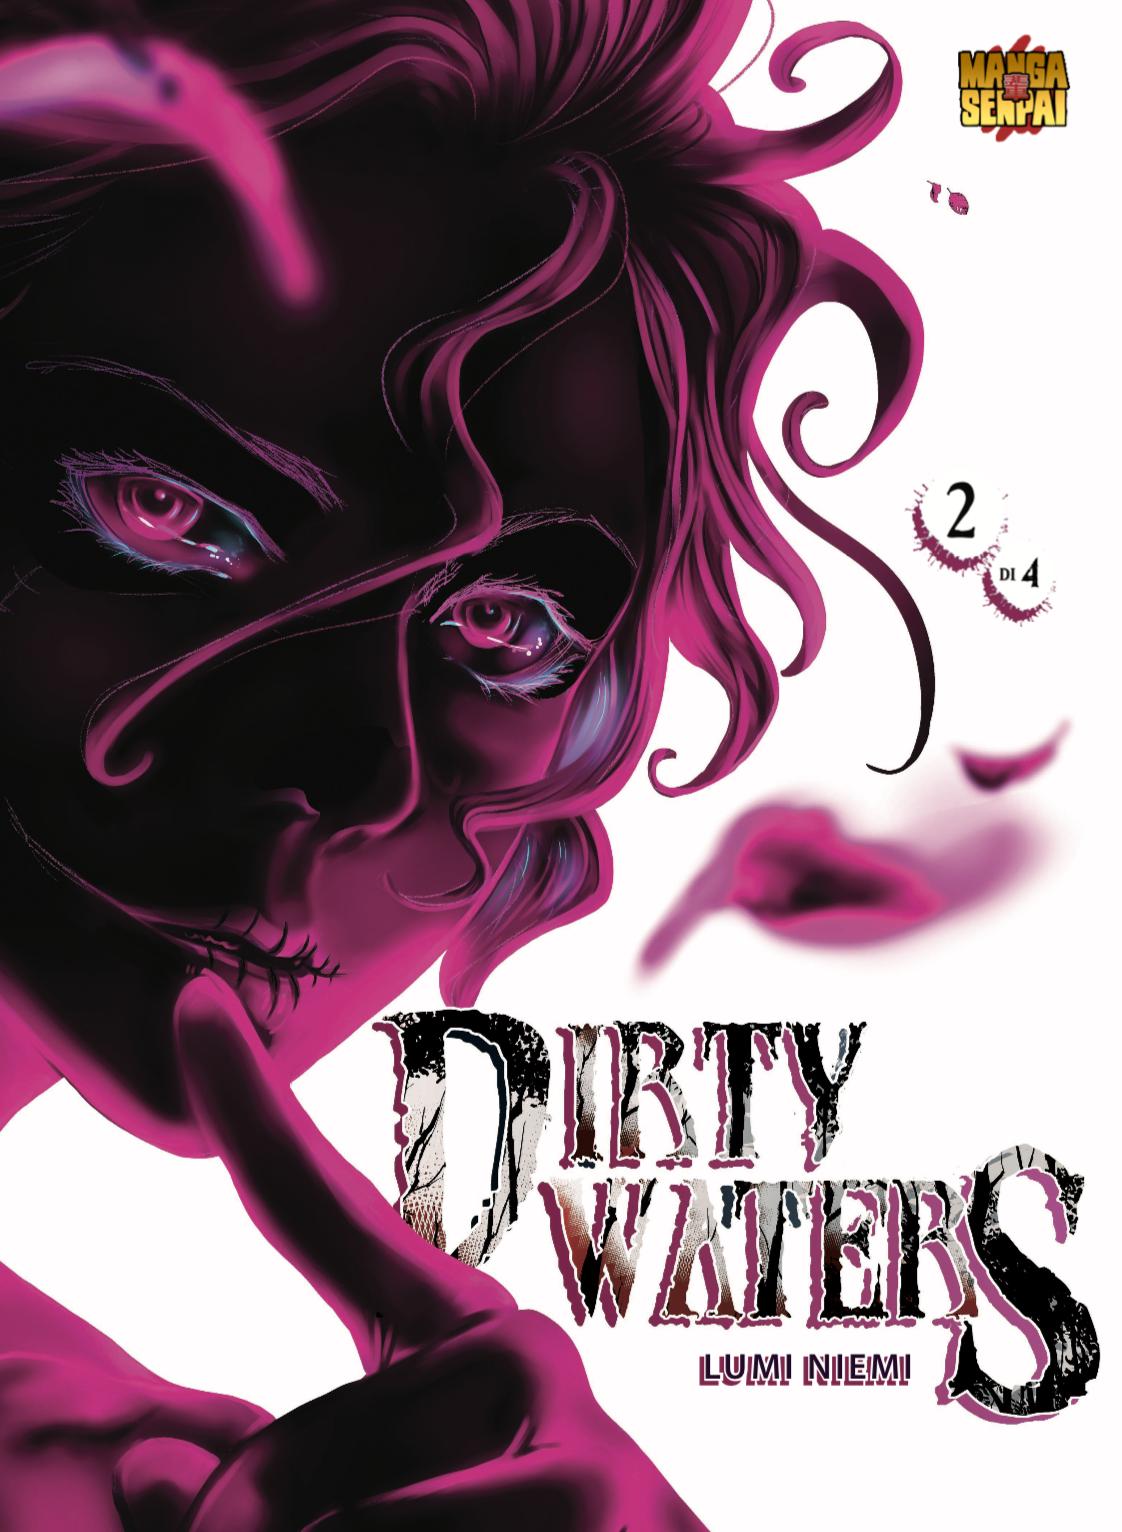 DIRTY WATERS 2 (di 4)